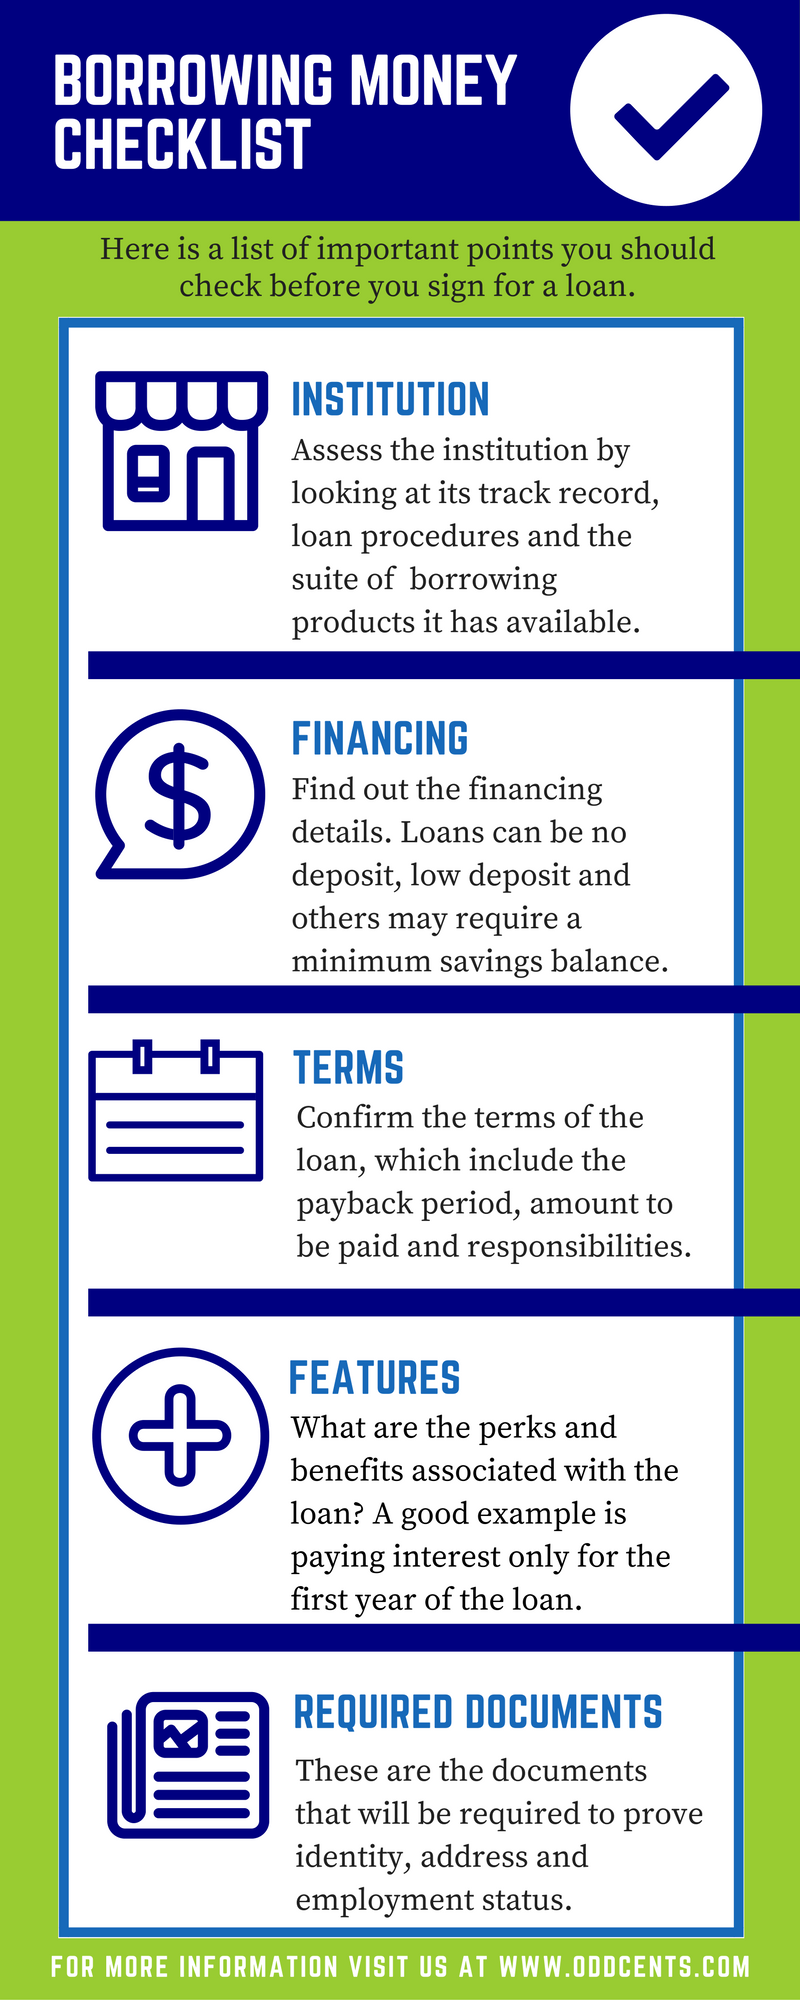 borrowing money checklist